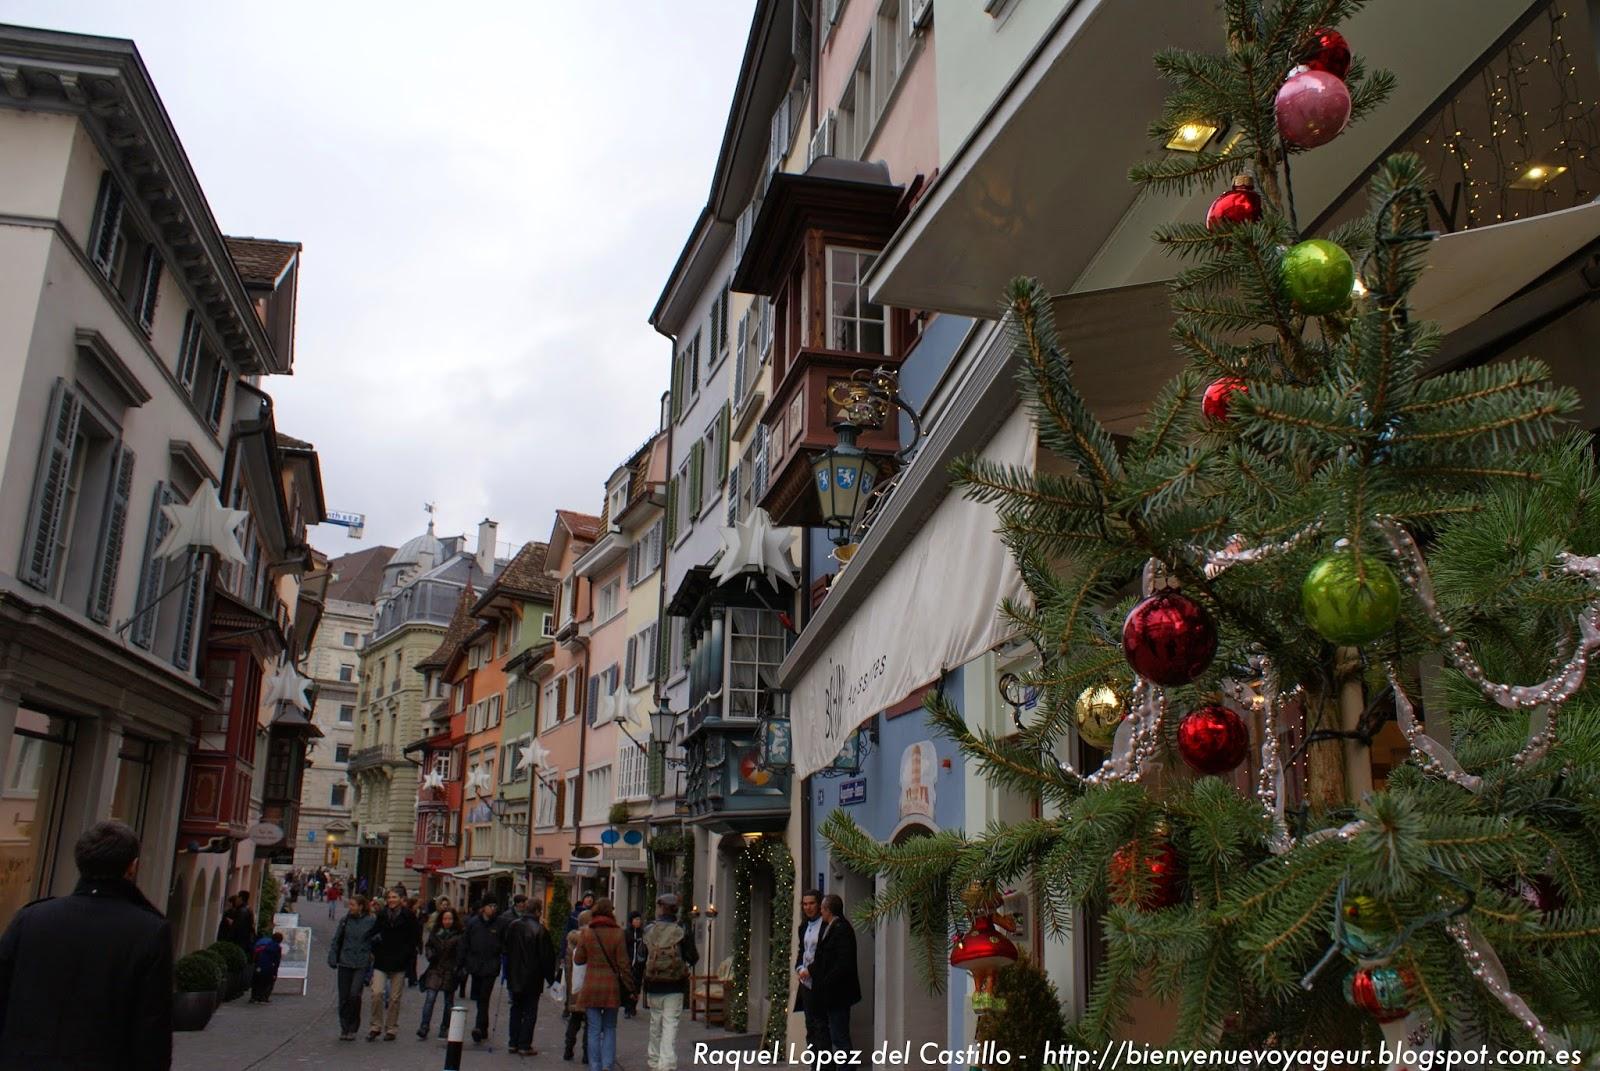 Bienvenue voyageur qu ver en zurich suiza for Oficina zurich valencia